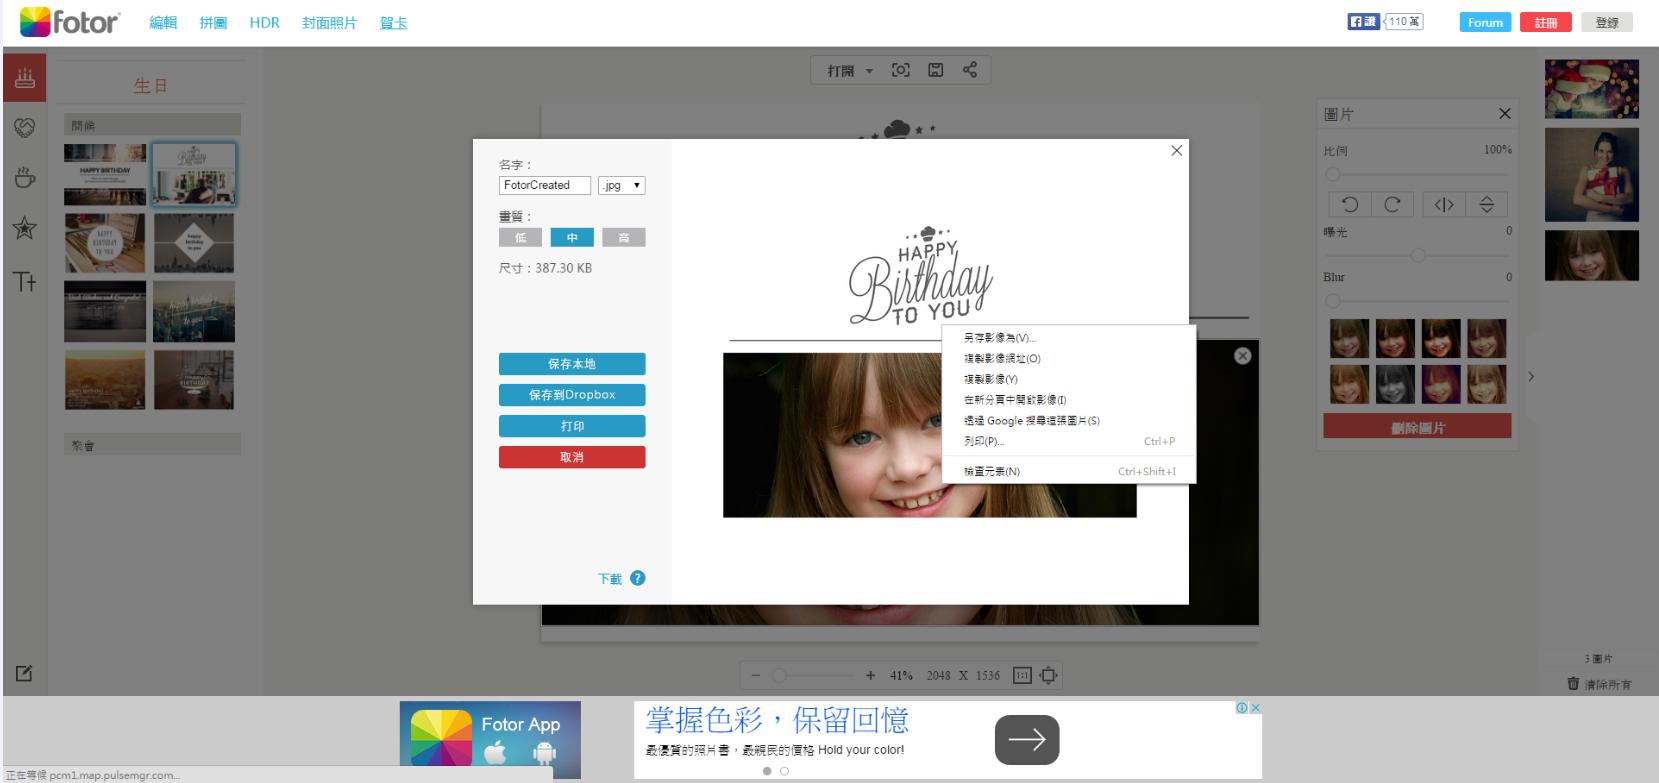 美編免費軟體使用-使用fotor製作生日卡片   DOUBLE冠 Thinking